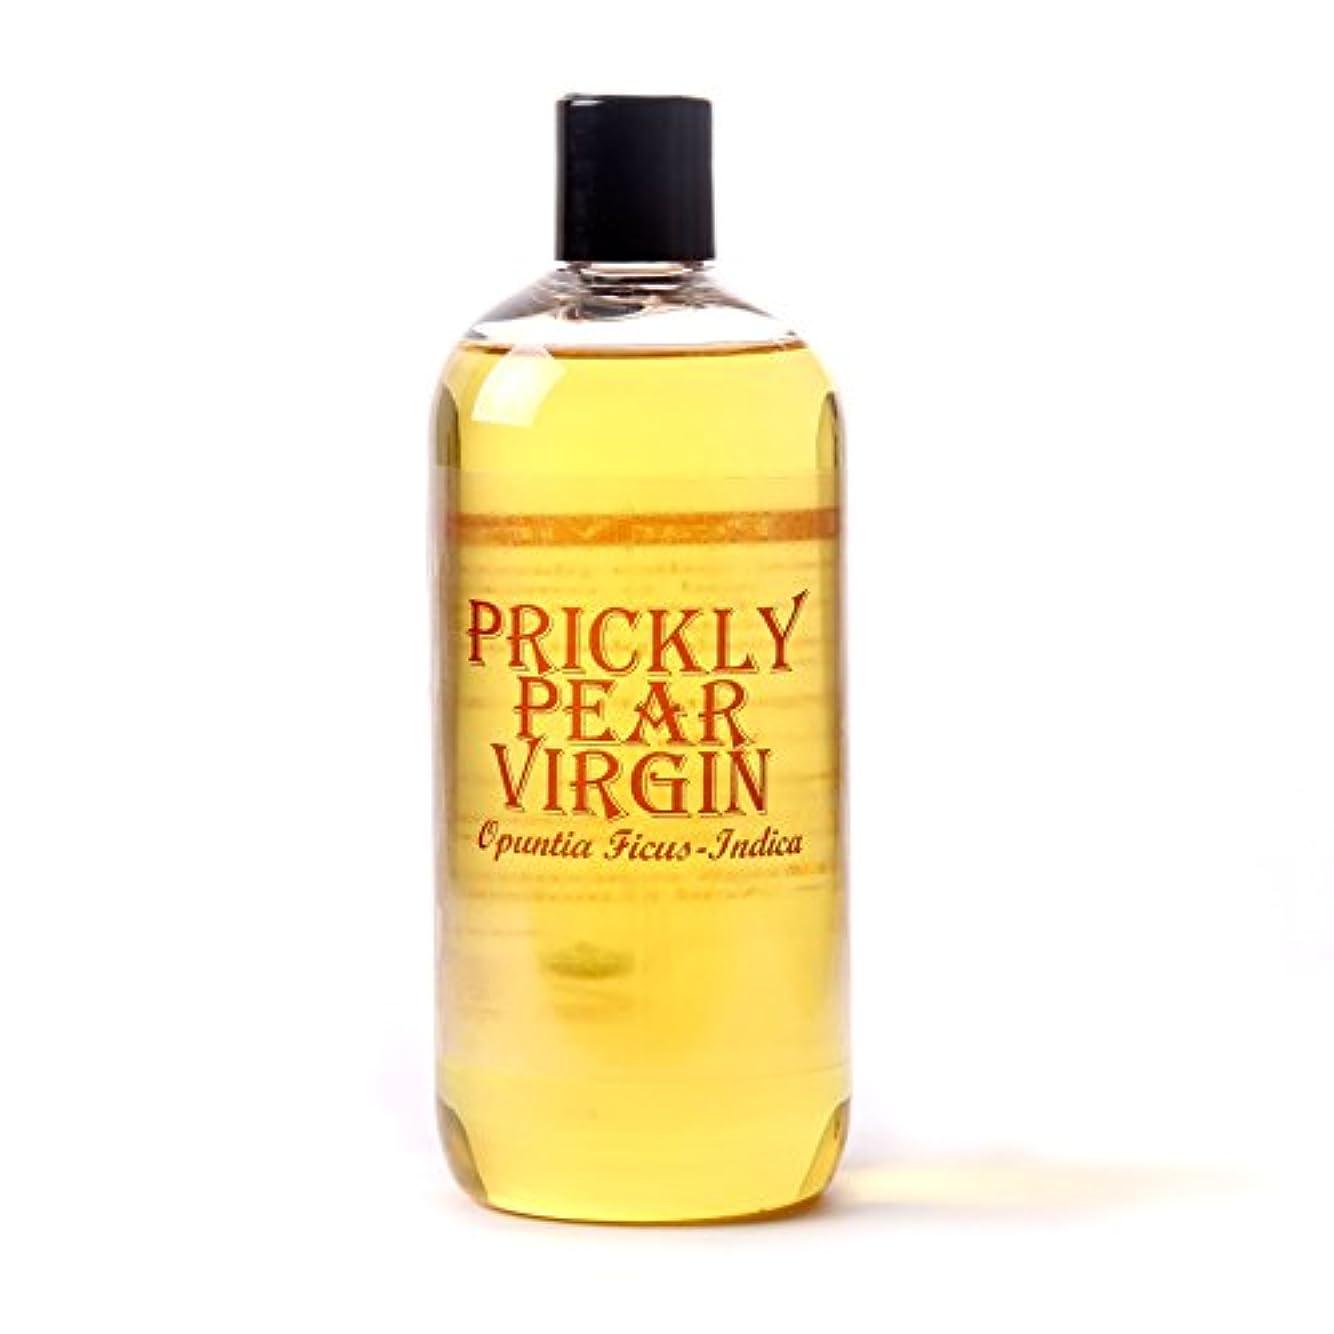 ヒューバートハドソン低下ほかにPrickly Pear Virgin Carrier Oil - 100% Pure - 1 Litre